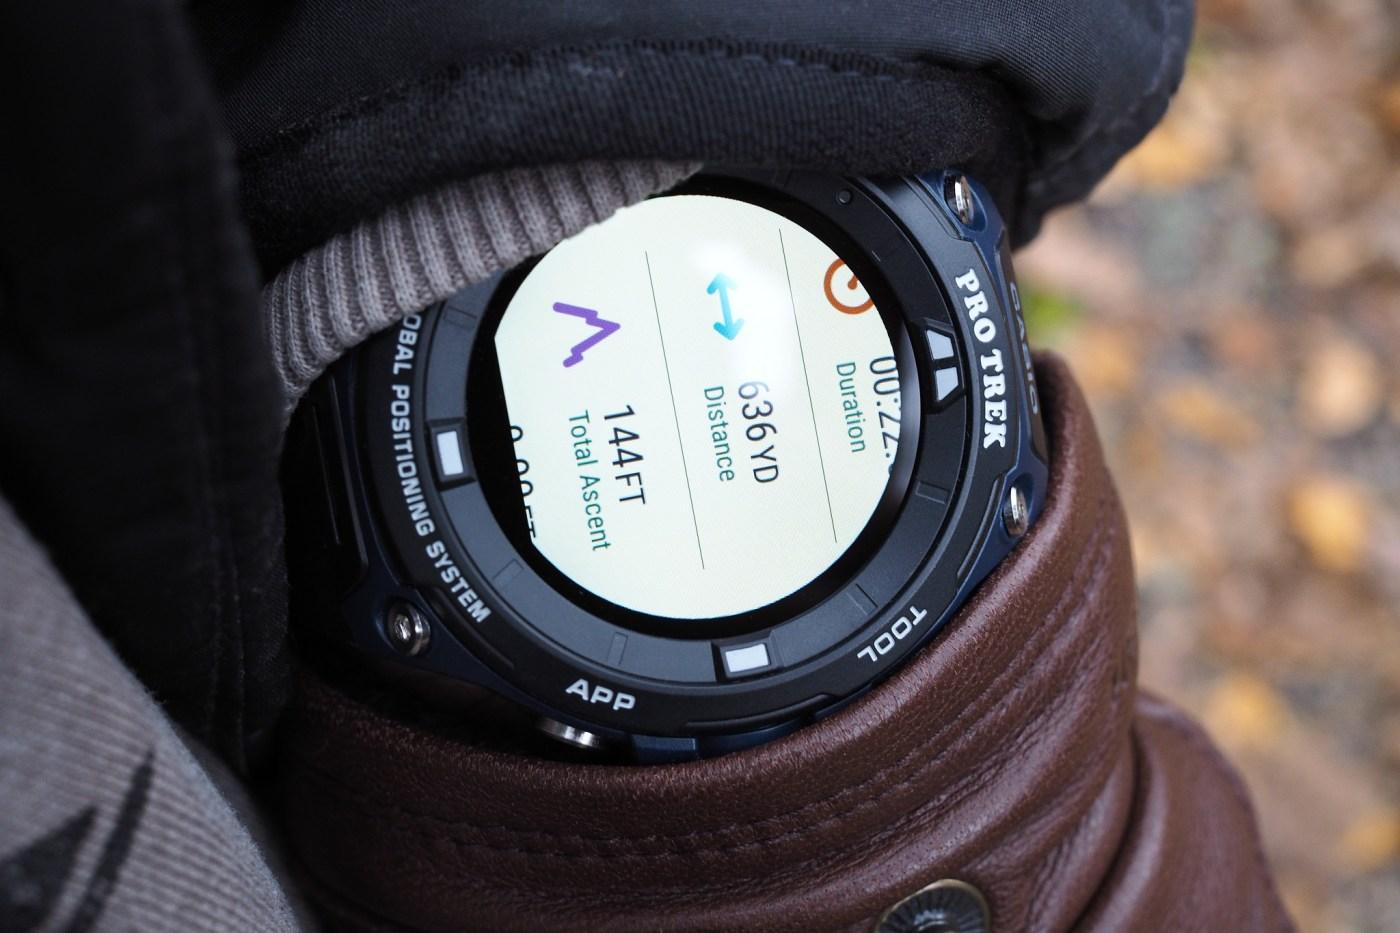 Casio Pro Trek View Ranger app showing total ascent